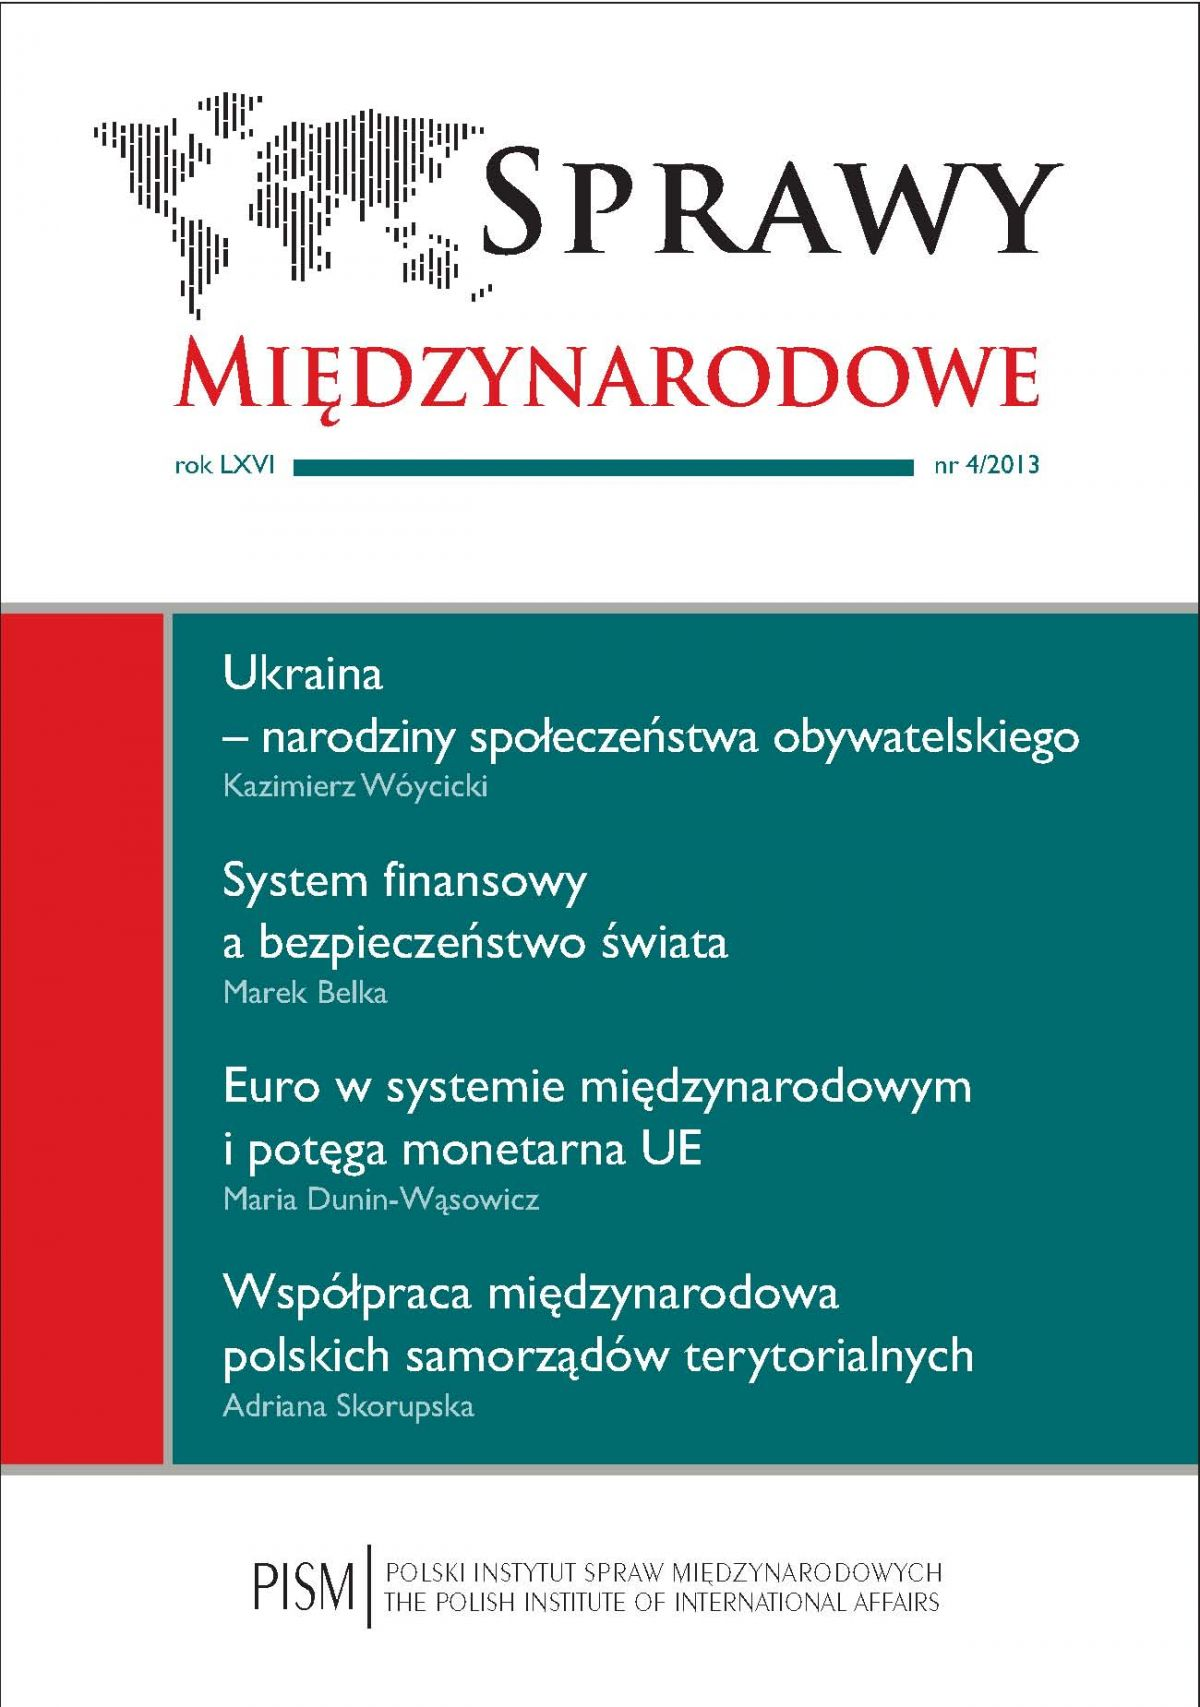 Sprawy Międzynarodowe 4/2013 - Ebook (Książka PDF) do pobrania w formacie PDF